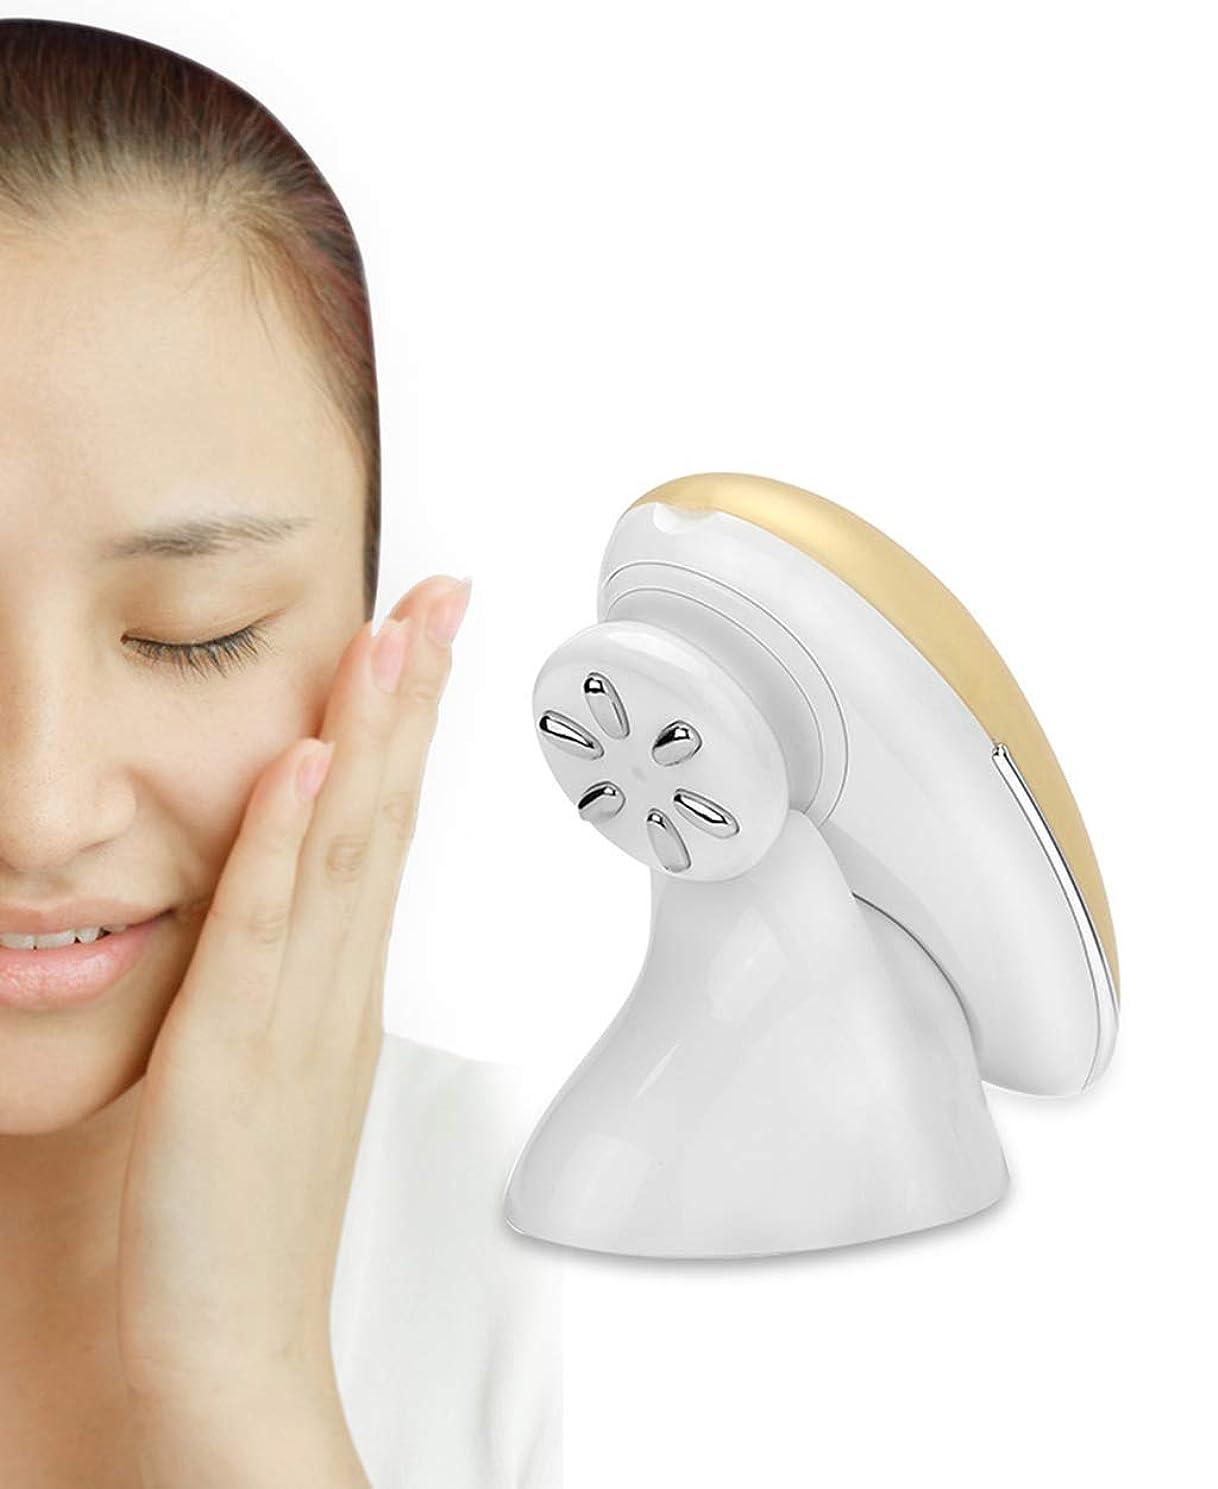 急行する懸念商人EMSパルス美容機器、RFしわ肌の顔の肌を引き締め抗老化美容機器